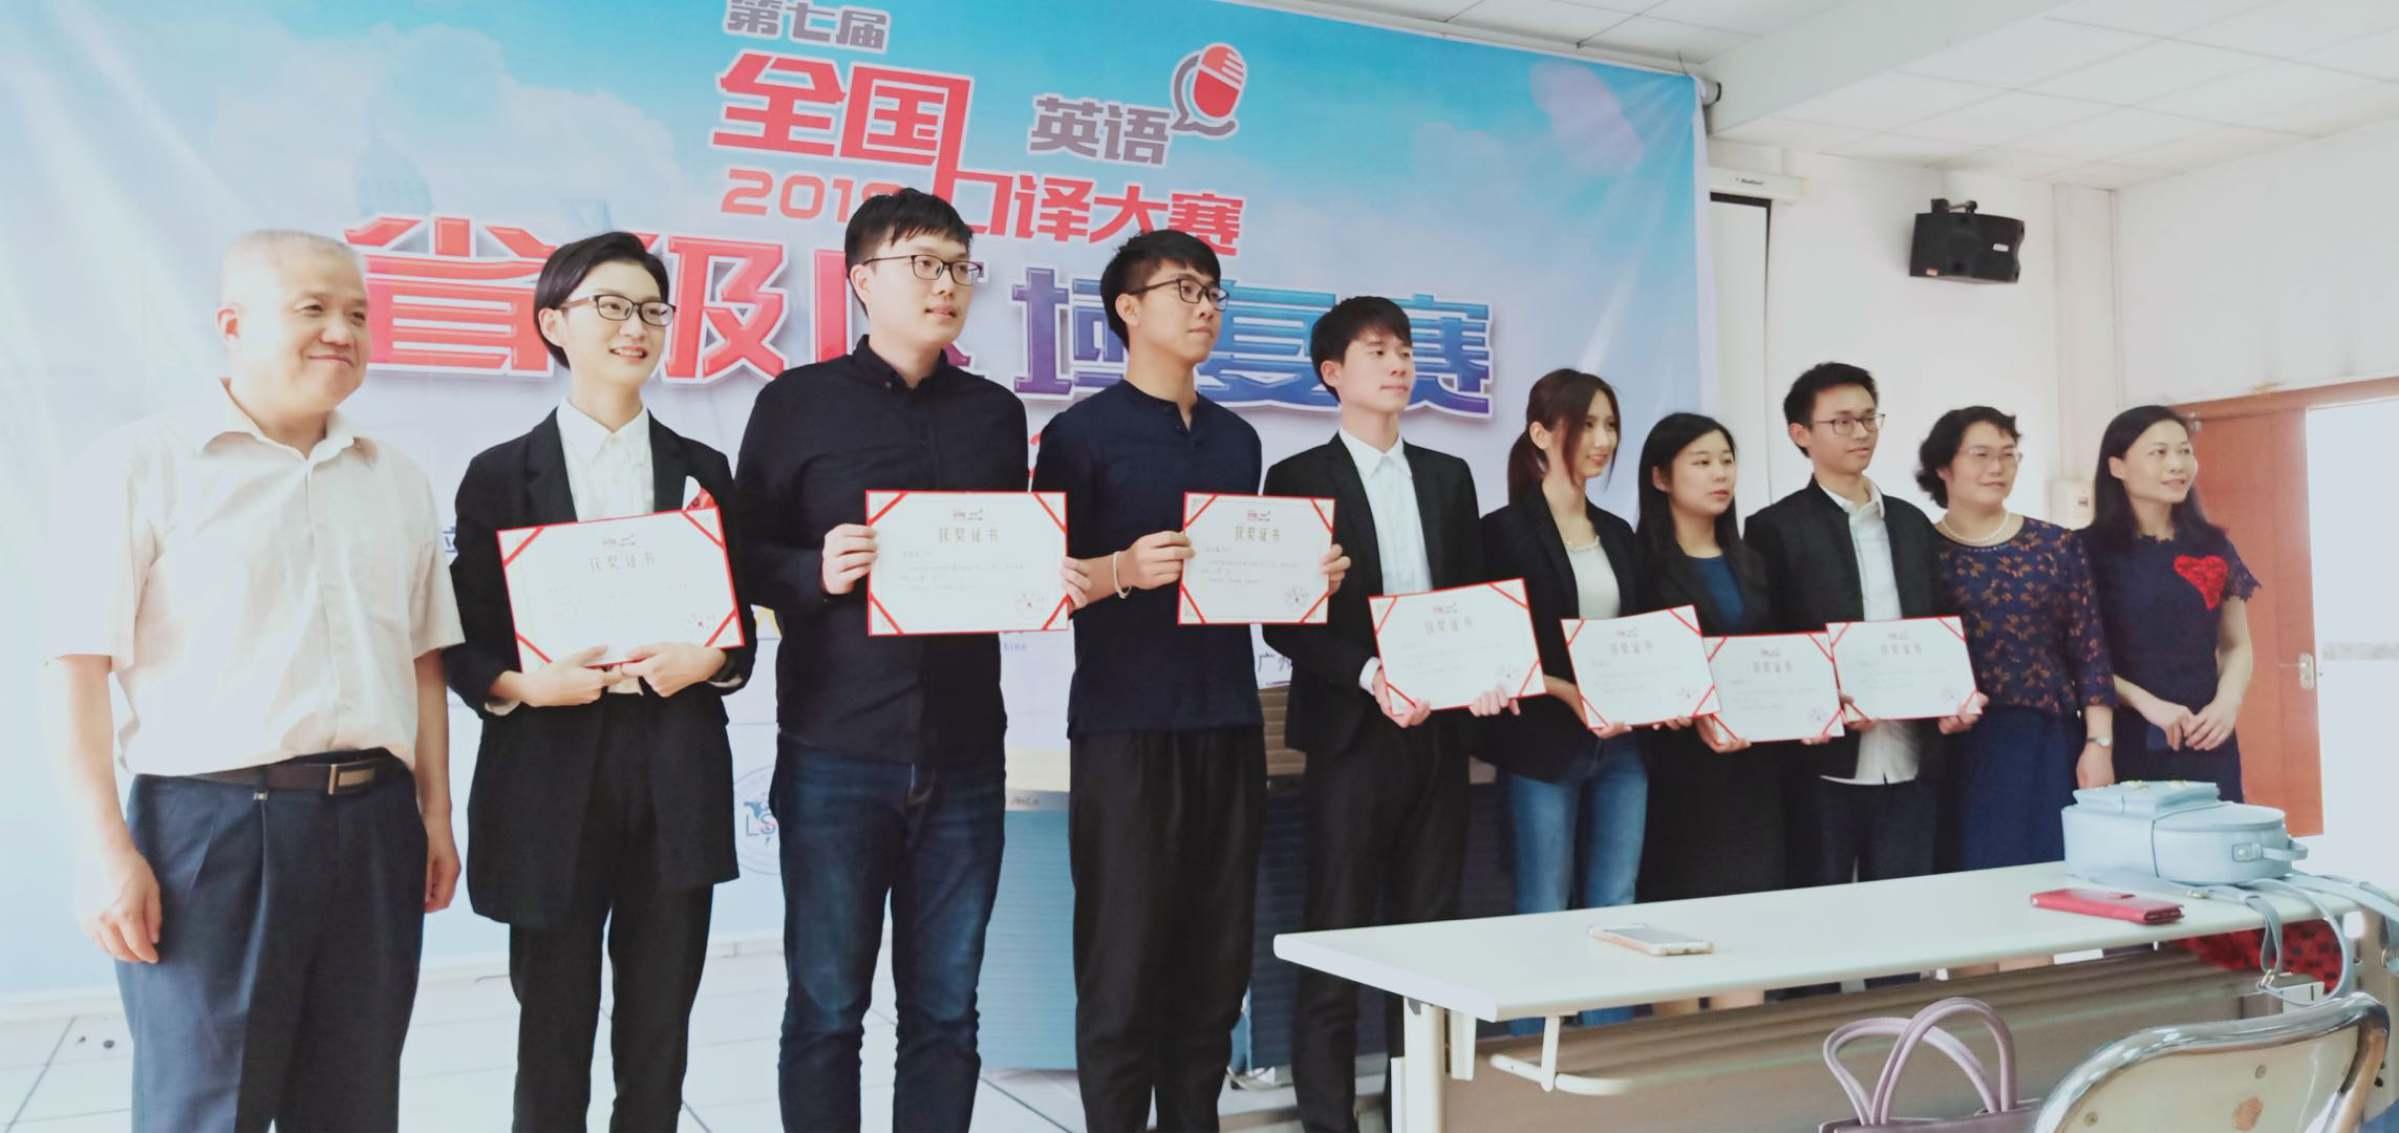 我校学子获第七届全国口译大赛(英语)复赛广东赛区二、三等奖